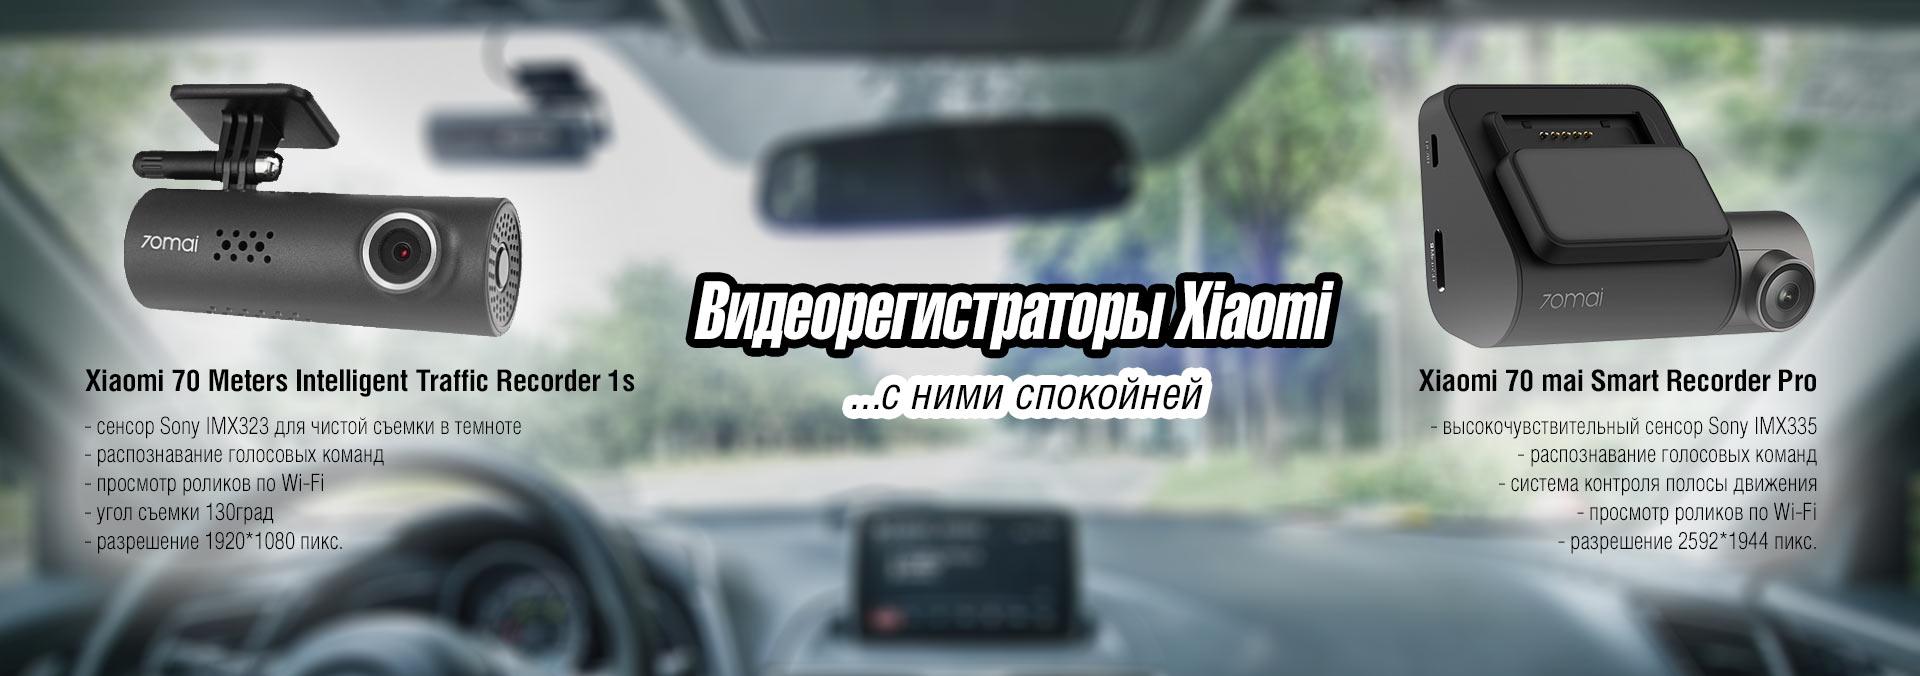 Видеорегистраторы Xiaomi в СПб